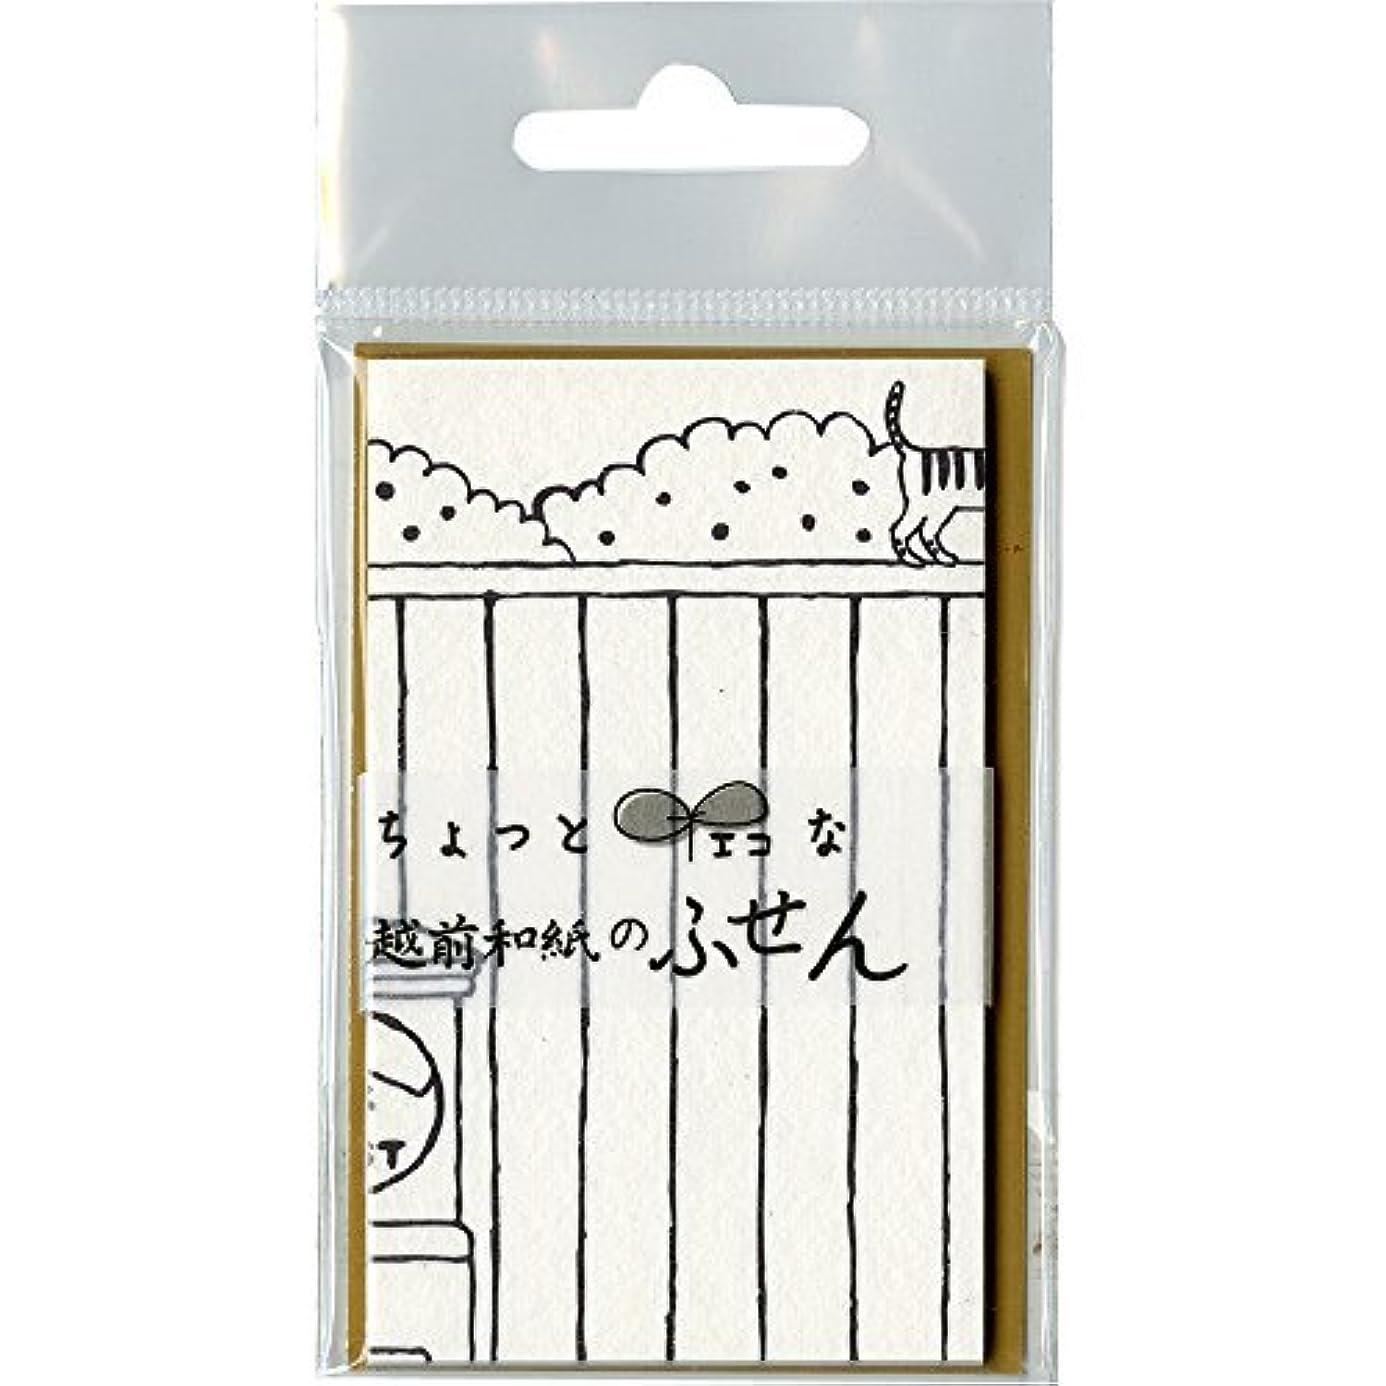 教授従うスリップ呉竹 越前和紙のふせん 長方形 トラ猫のおさんぽ LH25-2 Japan